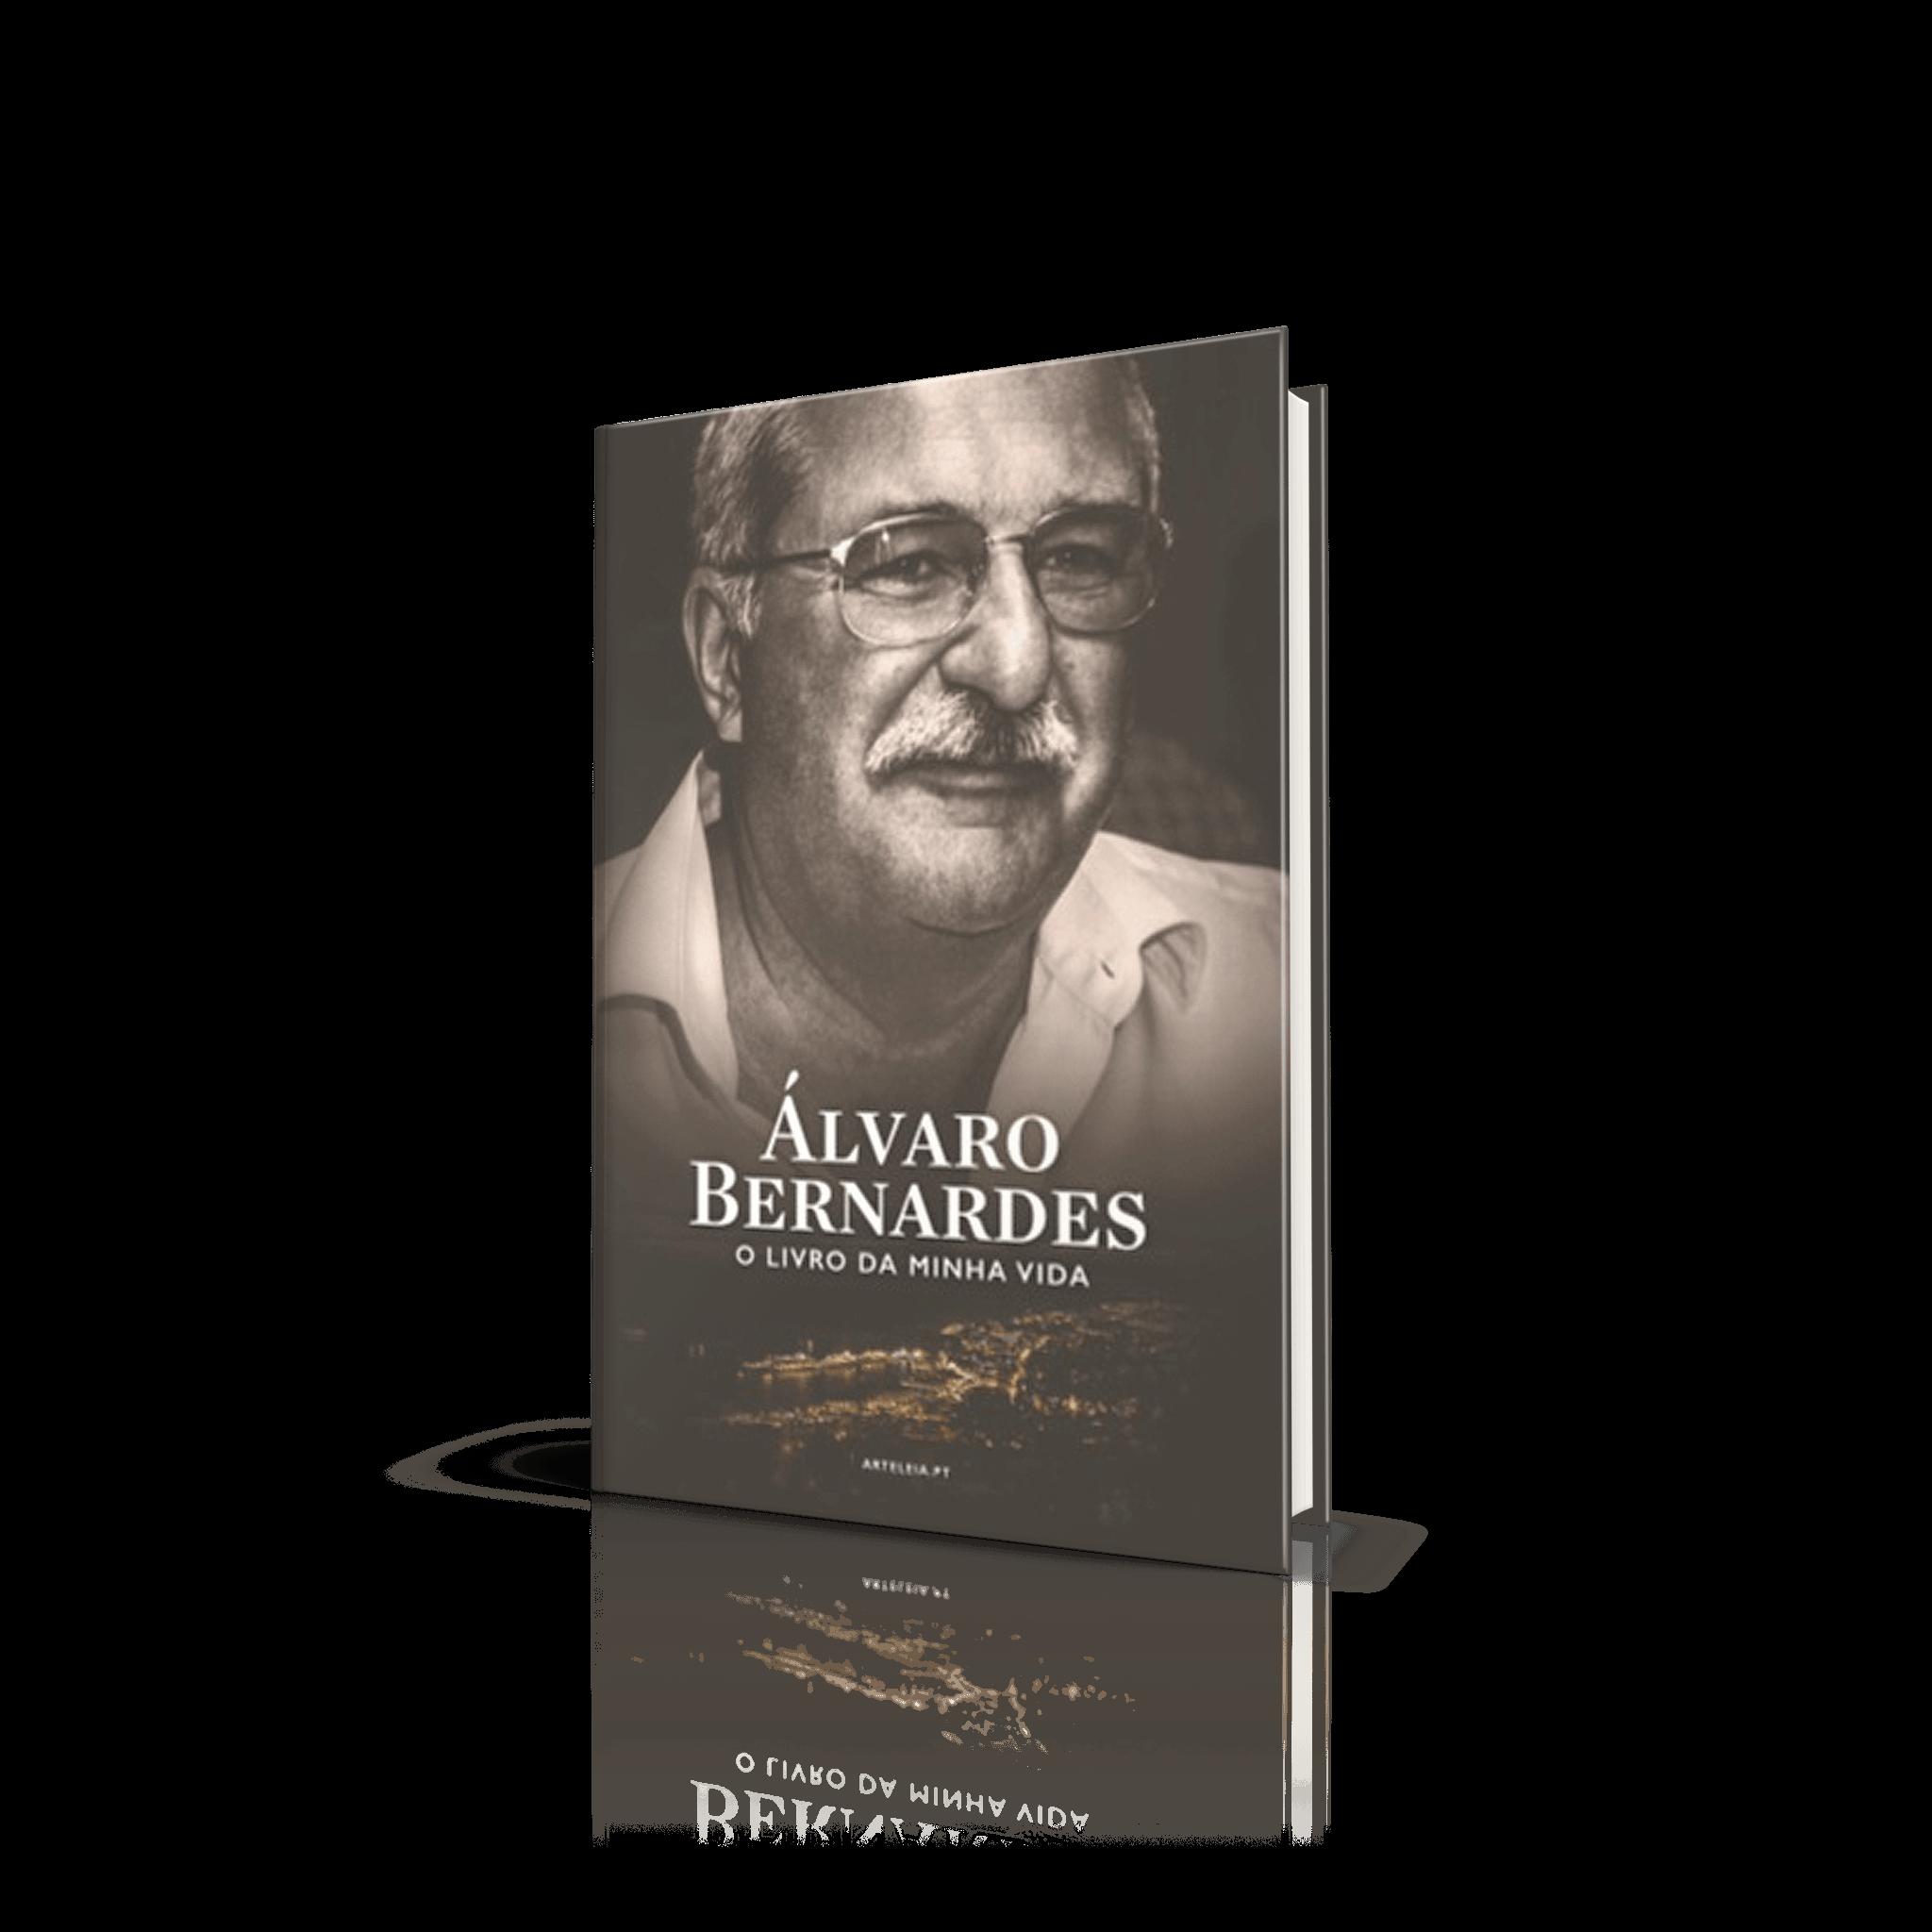 Livro Álvaro Bernardes